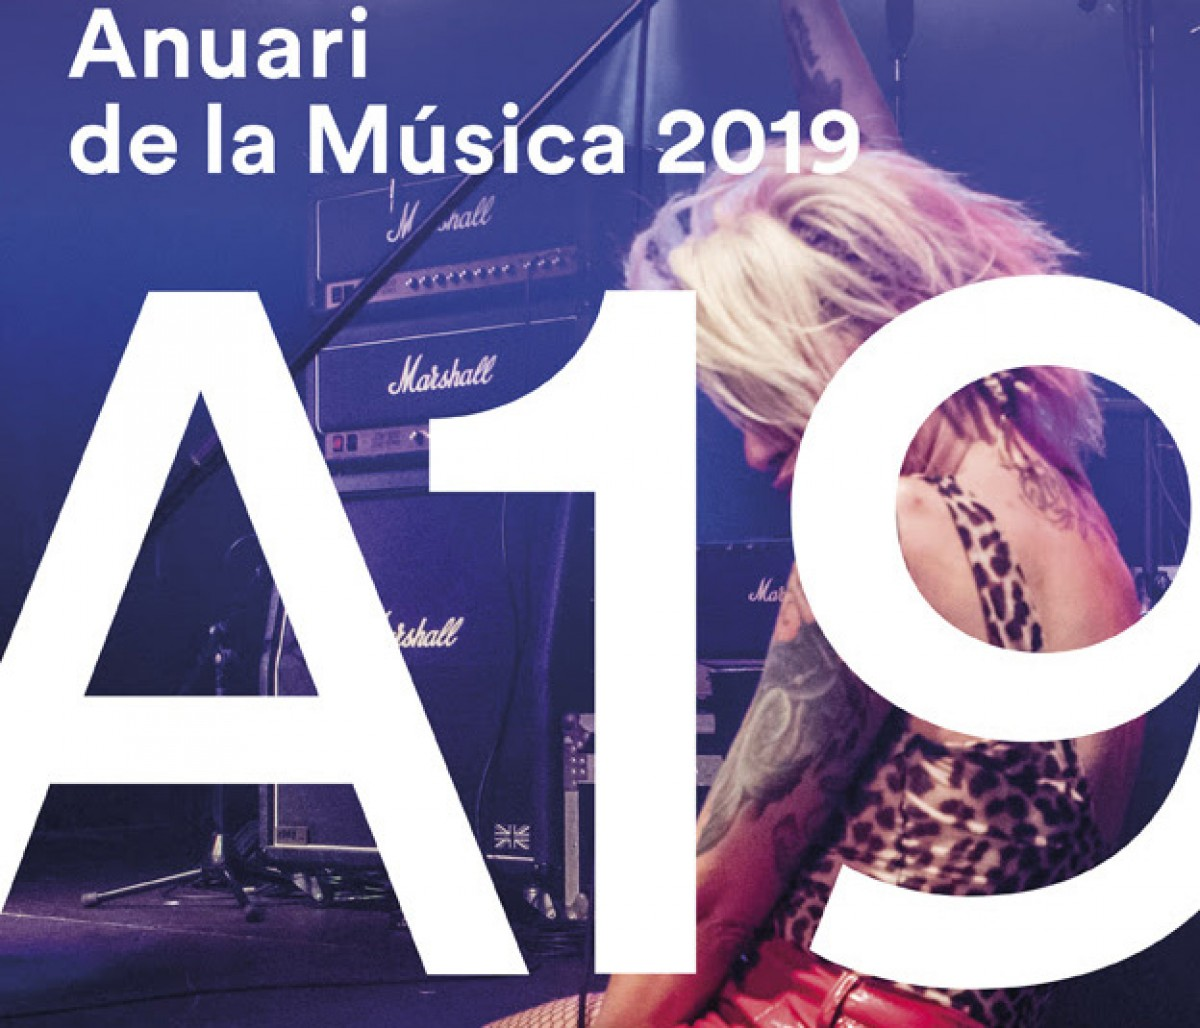 Anuari de la Música 2019